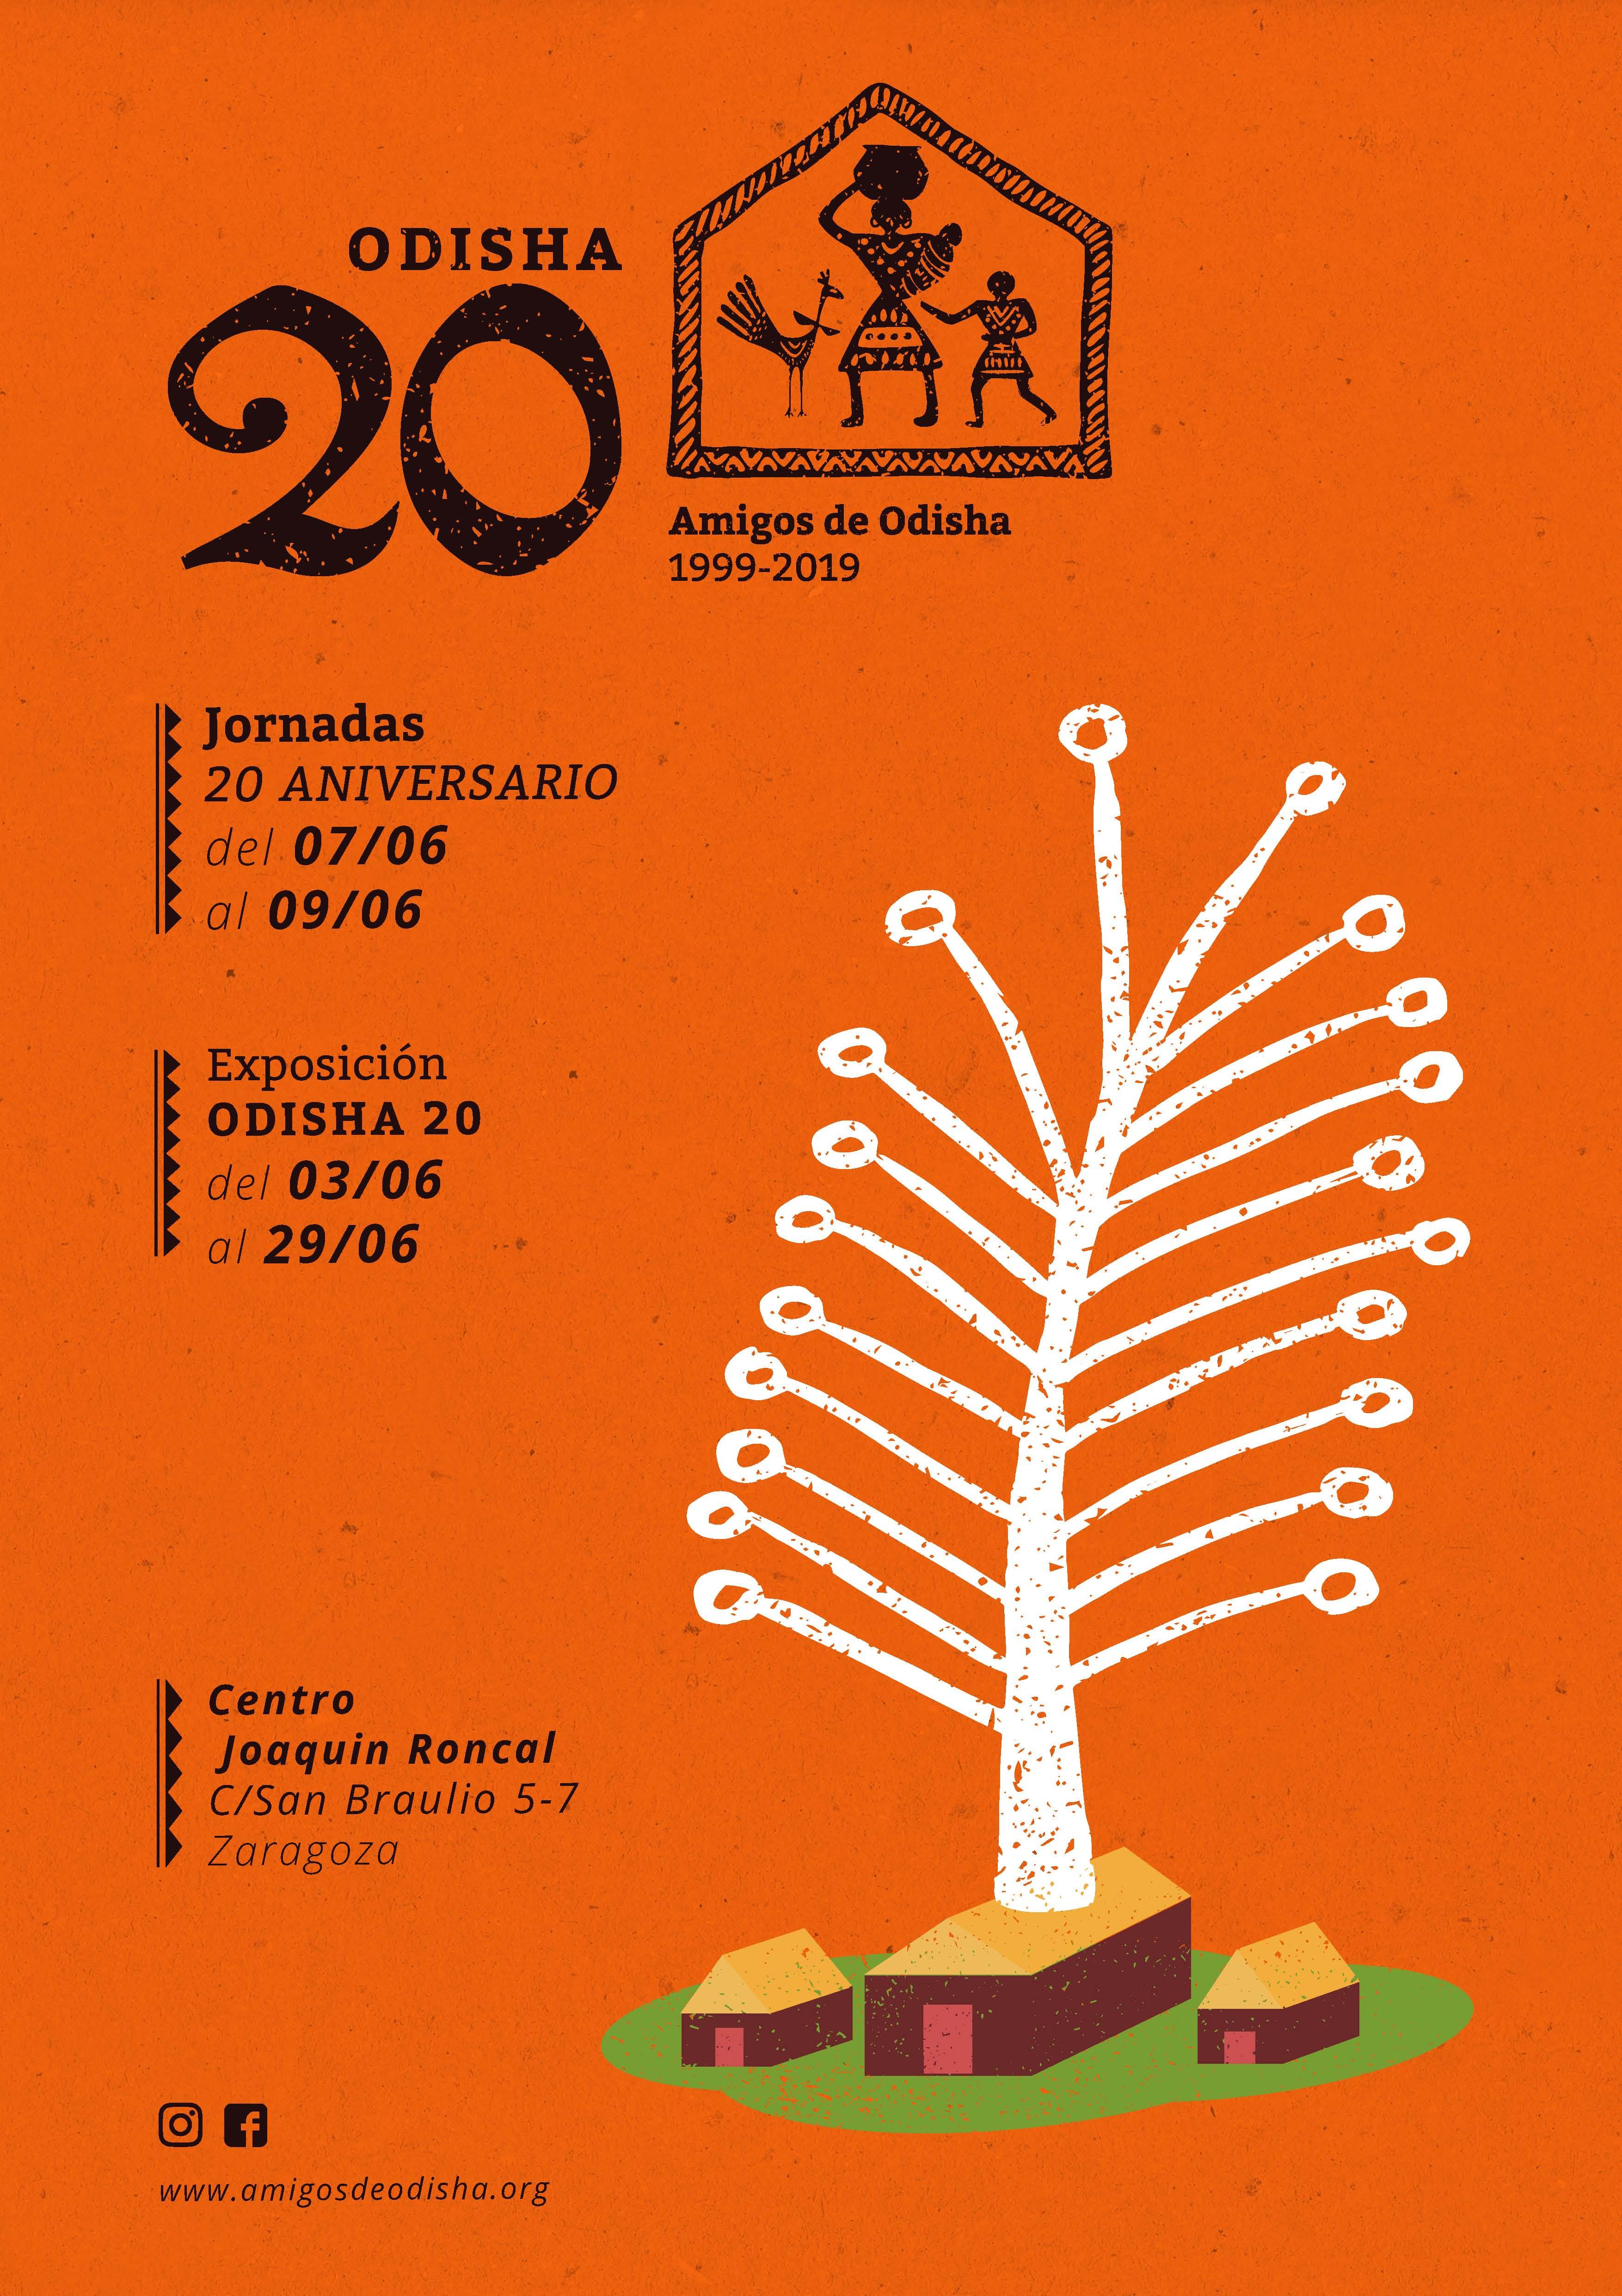 Jornadas del 20 aniversario